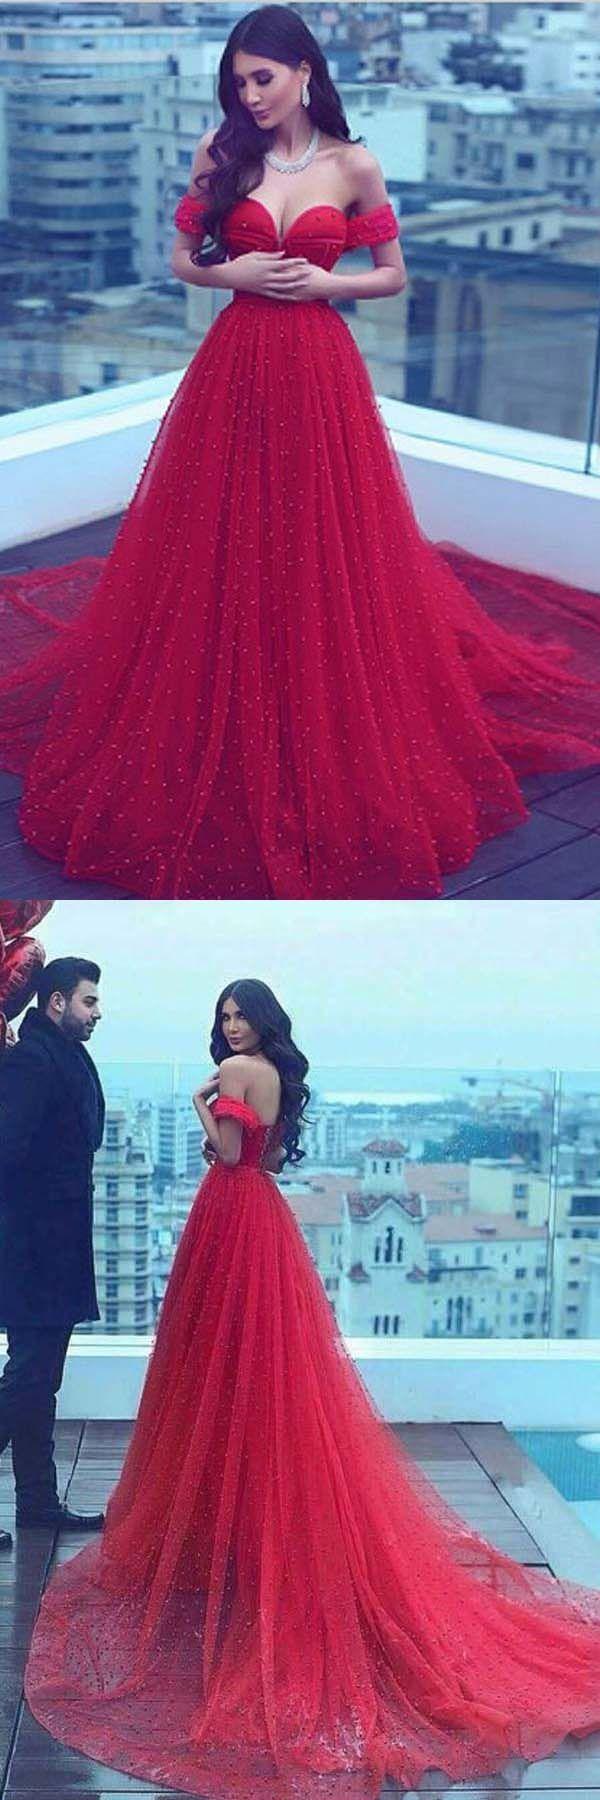 Elegant prom dressesaline offtheshoulder court train dark red